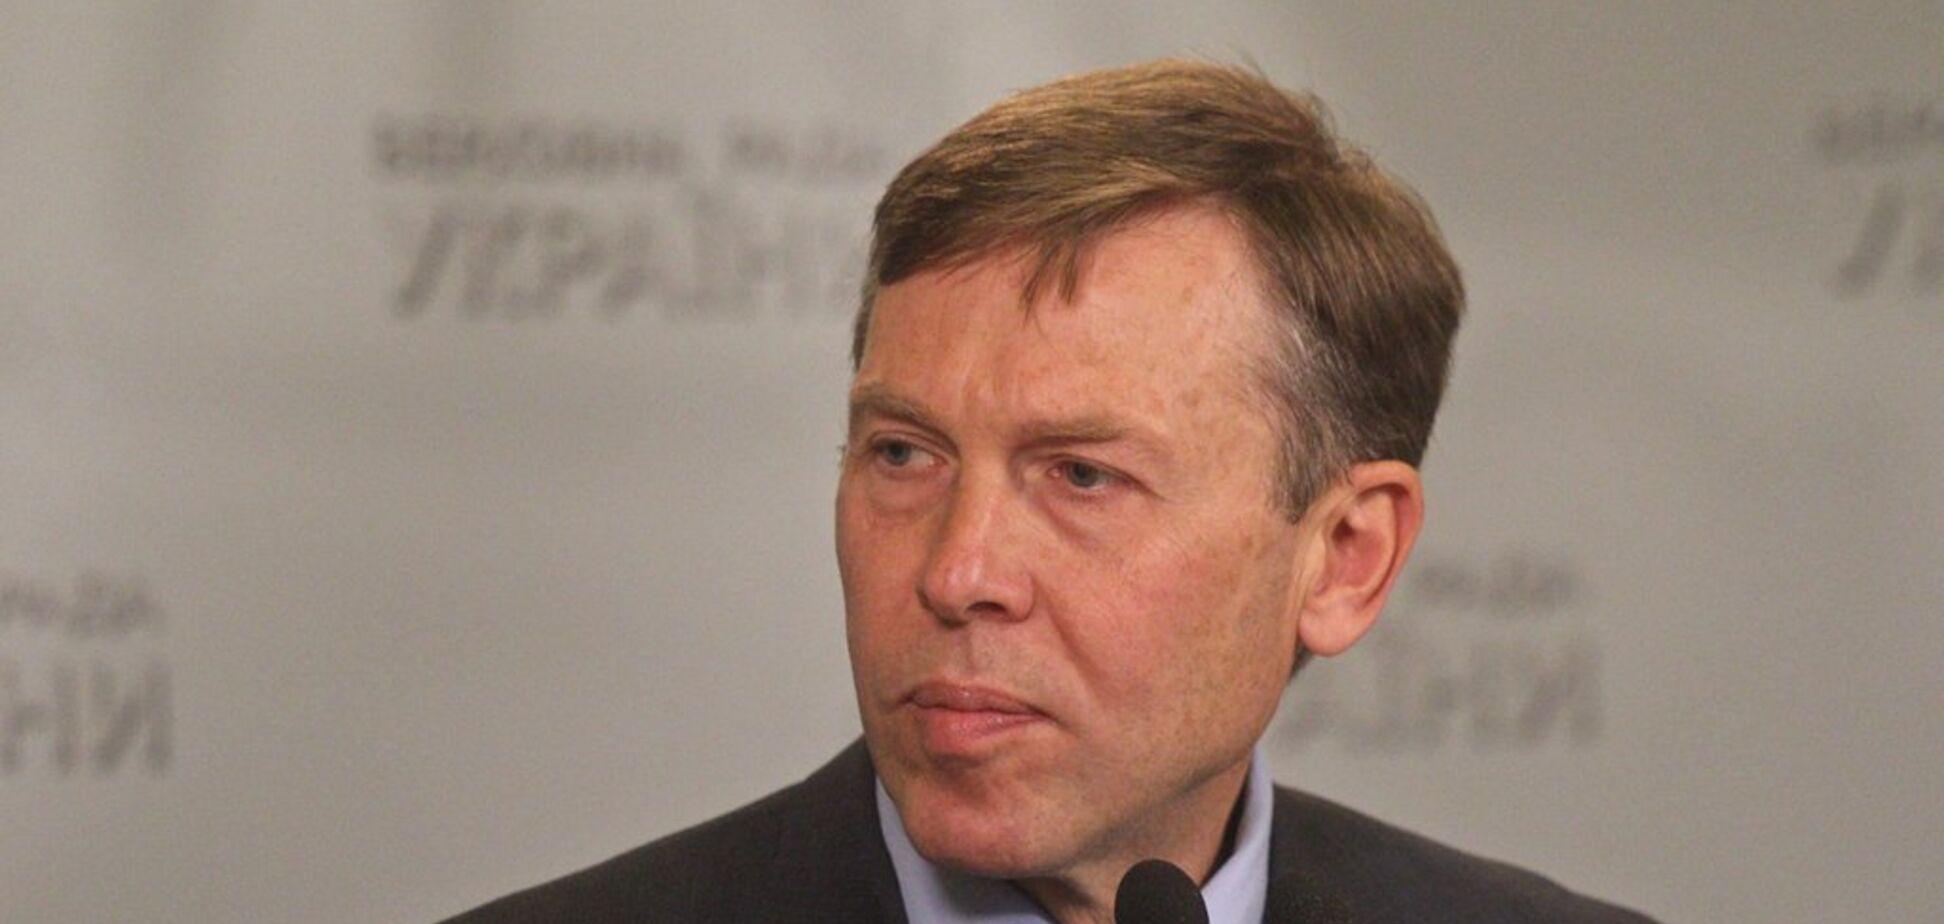 Соболев: Рада должна срочно отменить повышение тарифов и продлить мораторий на продажу земли